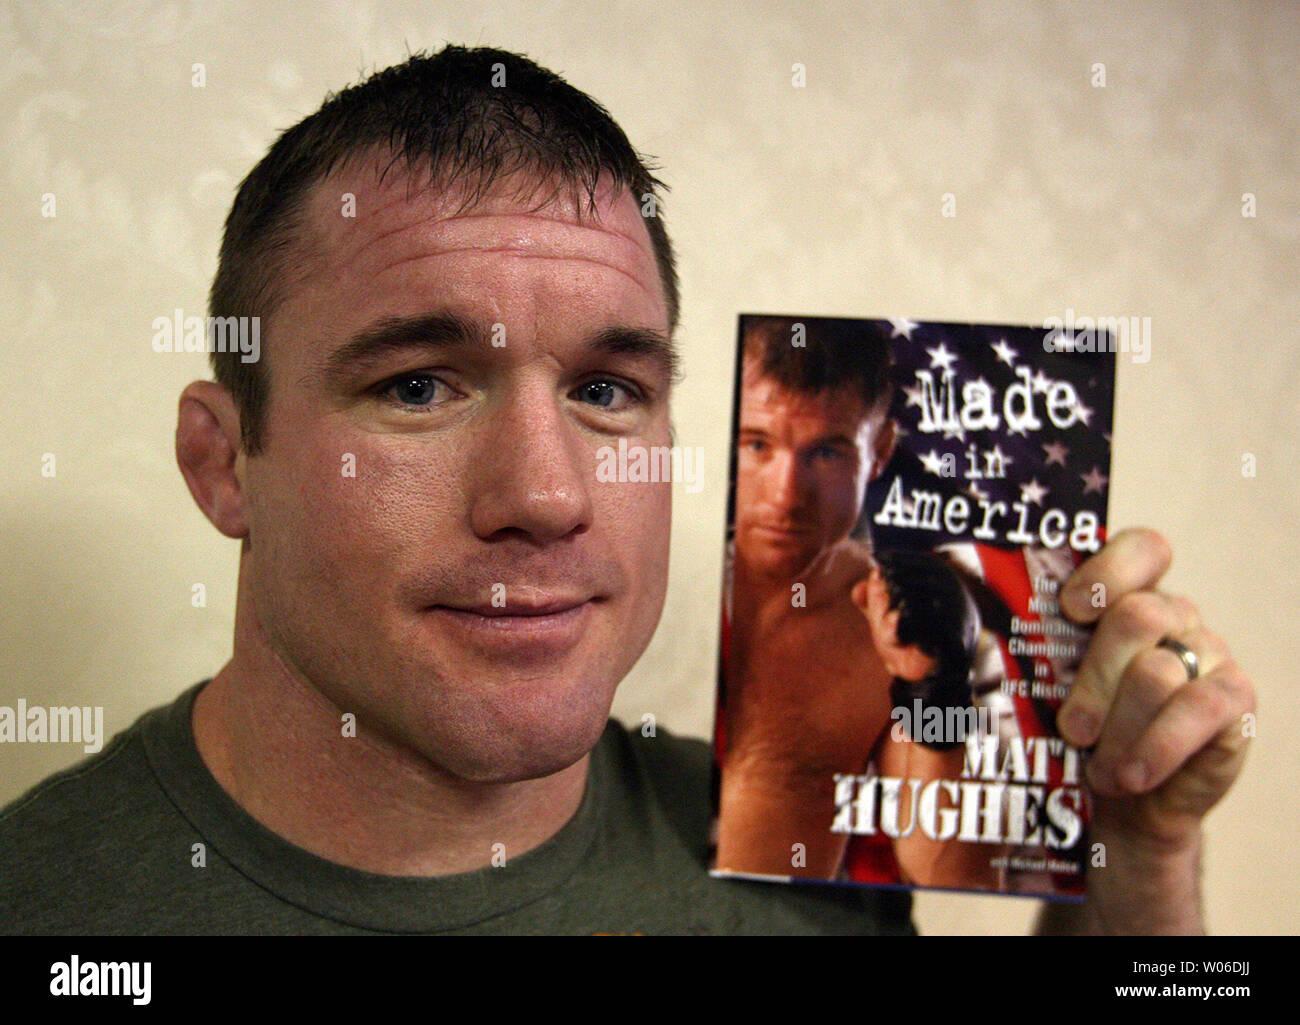 Matt Hughes, nueve veces Campeón Mundial de la UFC de Peso Welter y autor de The New York Times best-seller, 'made in America: el campeón más dominante en la historia de UFC', posa con su libro durante una conferencia de prensa en Clayton, Missouri, el 29 de enero de 2008. Hughes anunció que lucharán en una competencia de artes marciales mixtas en la zona de San Luis el 22 de febrero de 2008. (UPI foto/Bill Greenblatt) Foto de stock